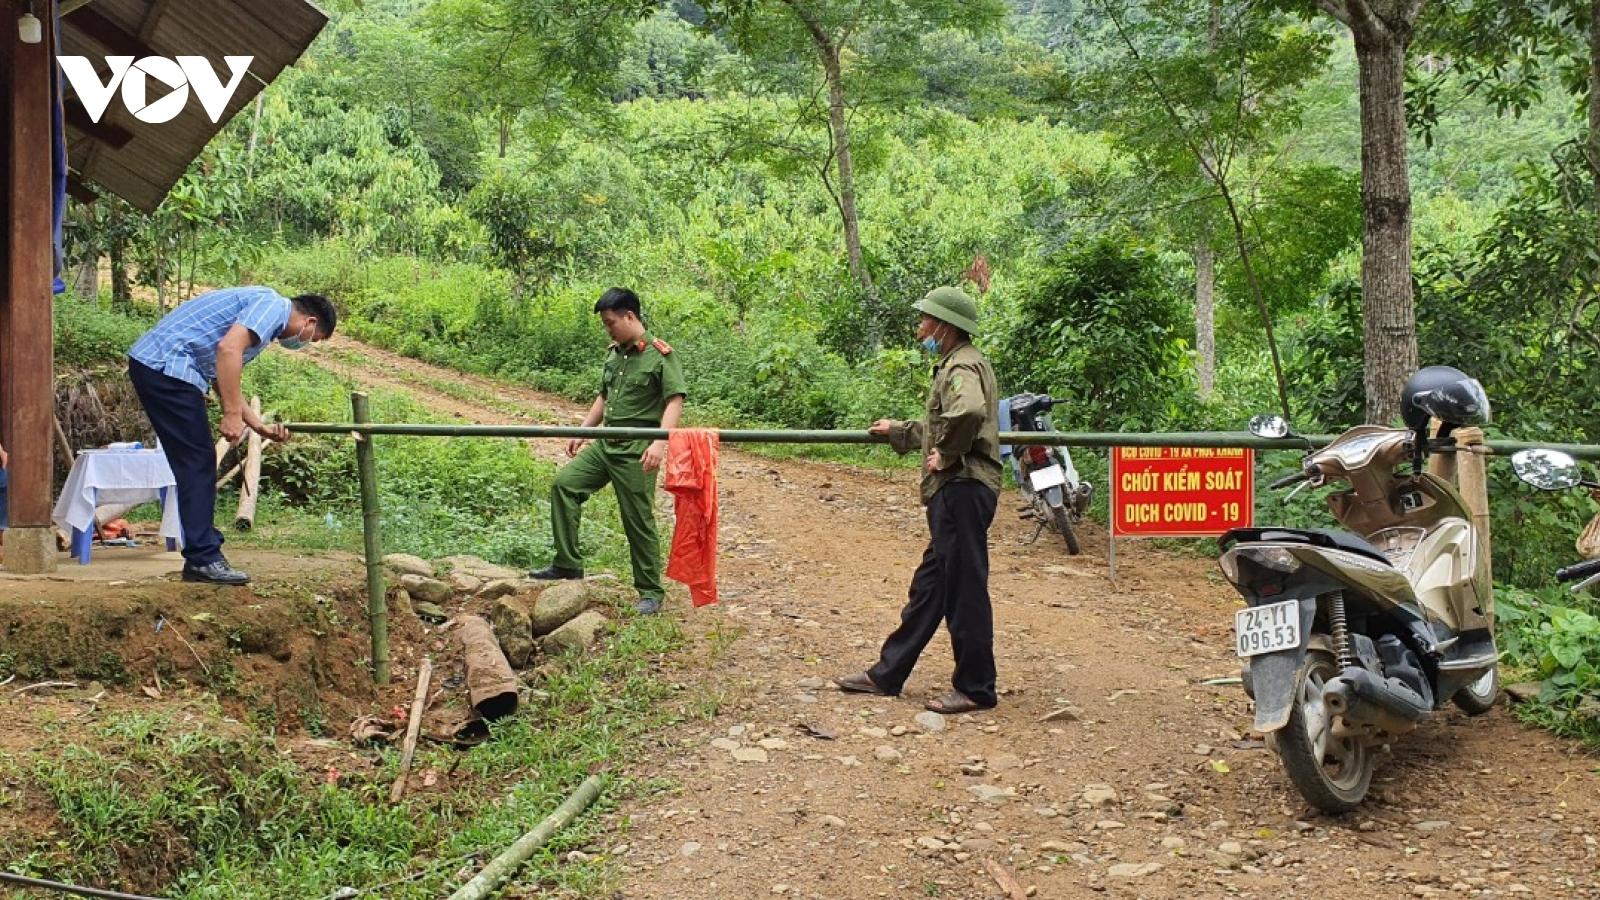 Lào Cai lập chốt chặn tại đường mòn trong rừng để kiểm soát công dân về địa phương